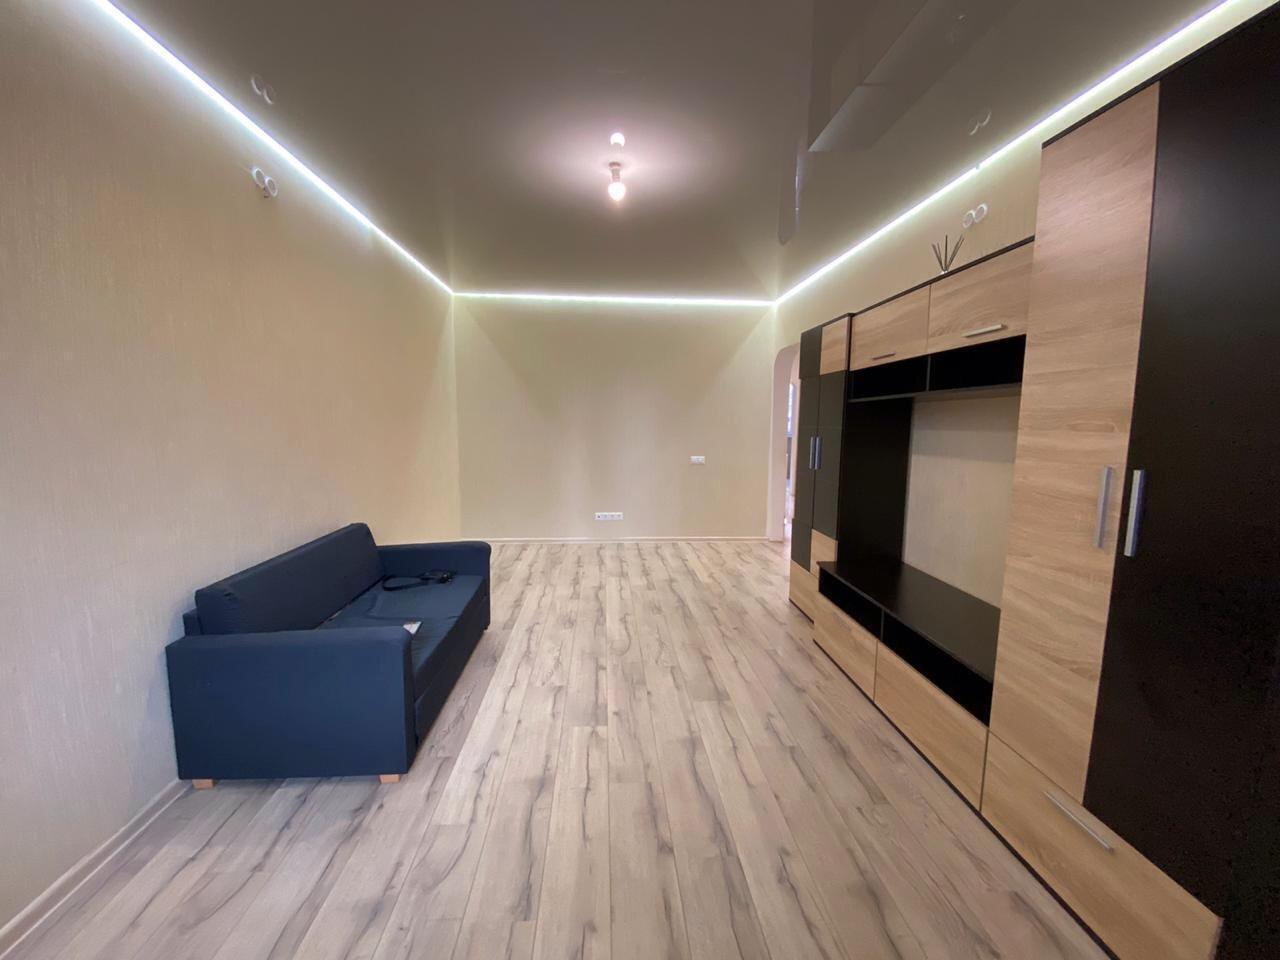 Квартира, 2 комнаты, 58 м² в Москве 89779120685 купить 9